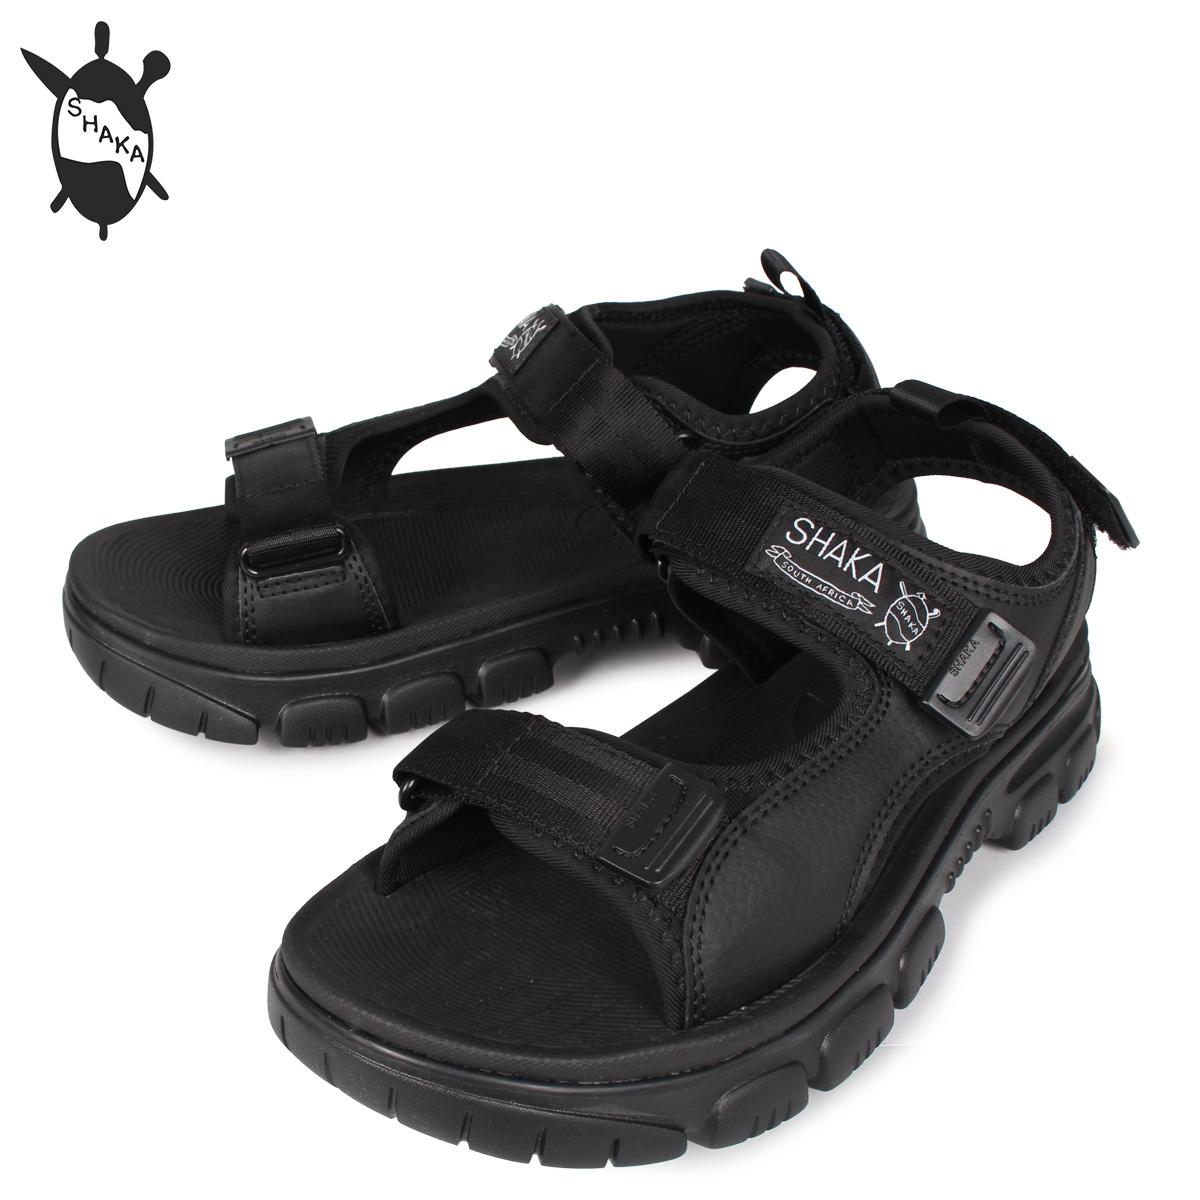 【お買い物マラソンSALE】 SHAKA シャカ ハンビー サンダル スポーツサンダル メンズ HUMVEE AT ブラック 黒 433147